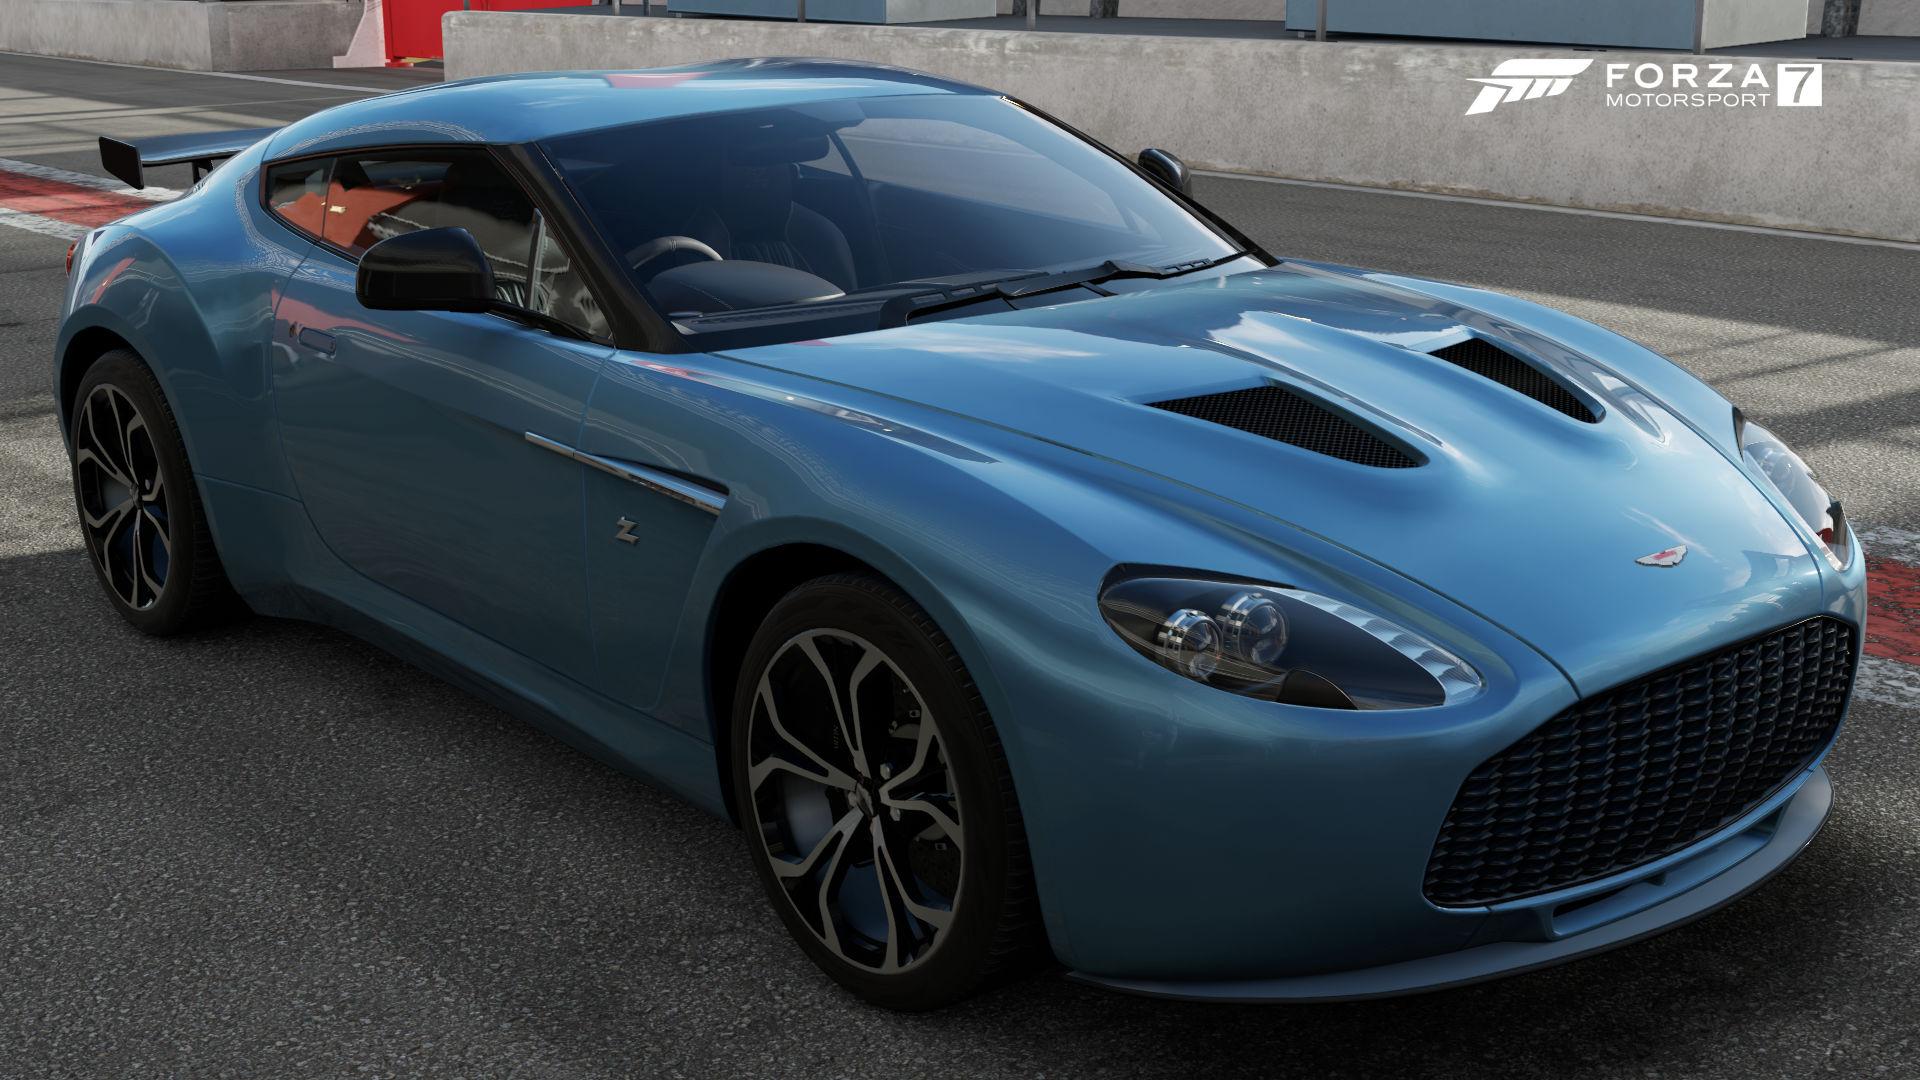 Aston Martin V Zagato Forza Motorsport Wiki FANDOM Powered By - Aston martin v12 zagato